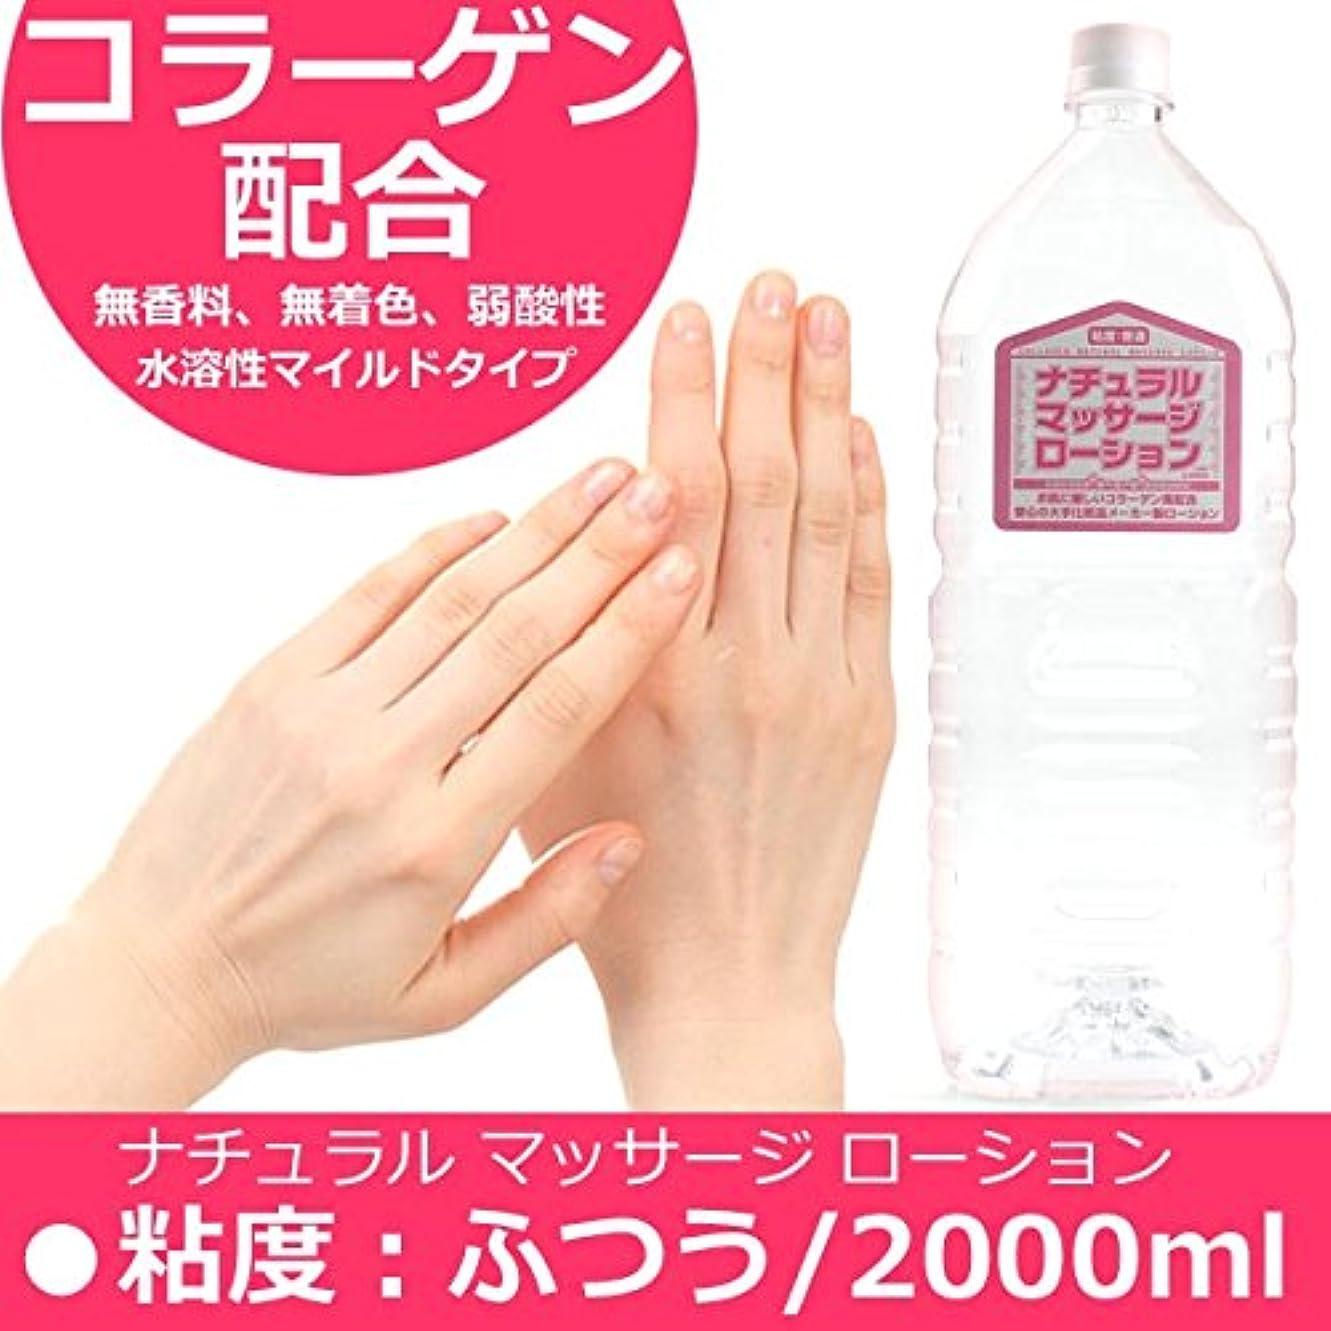 慰め尽きる目覚めるナチュラルマッサージ ローション 2000m 業務用の詰替えにも!!